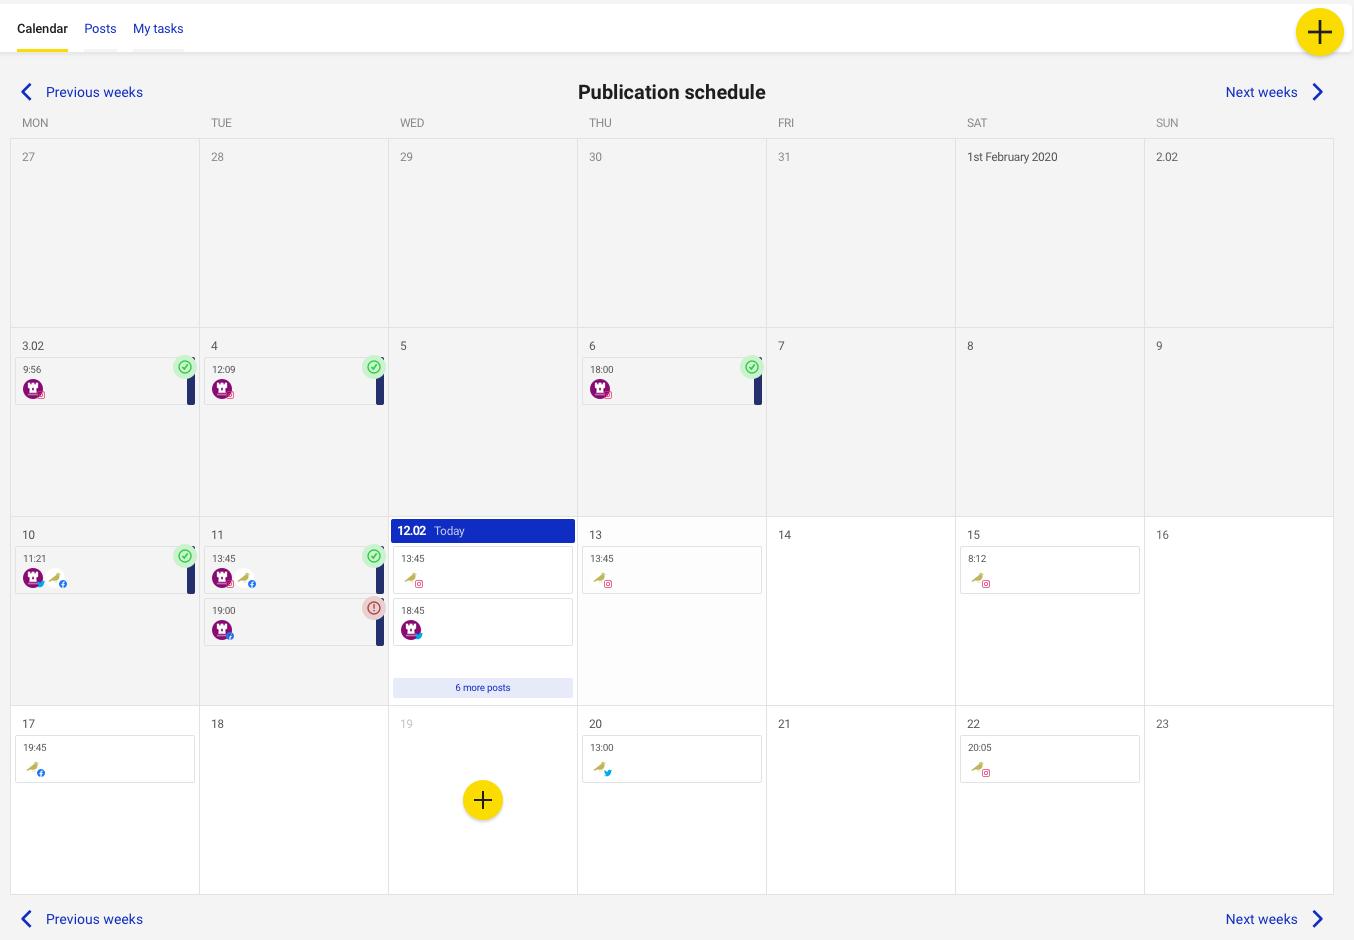 Kalendarz publikacji w Publikatorze od NapoleonCat